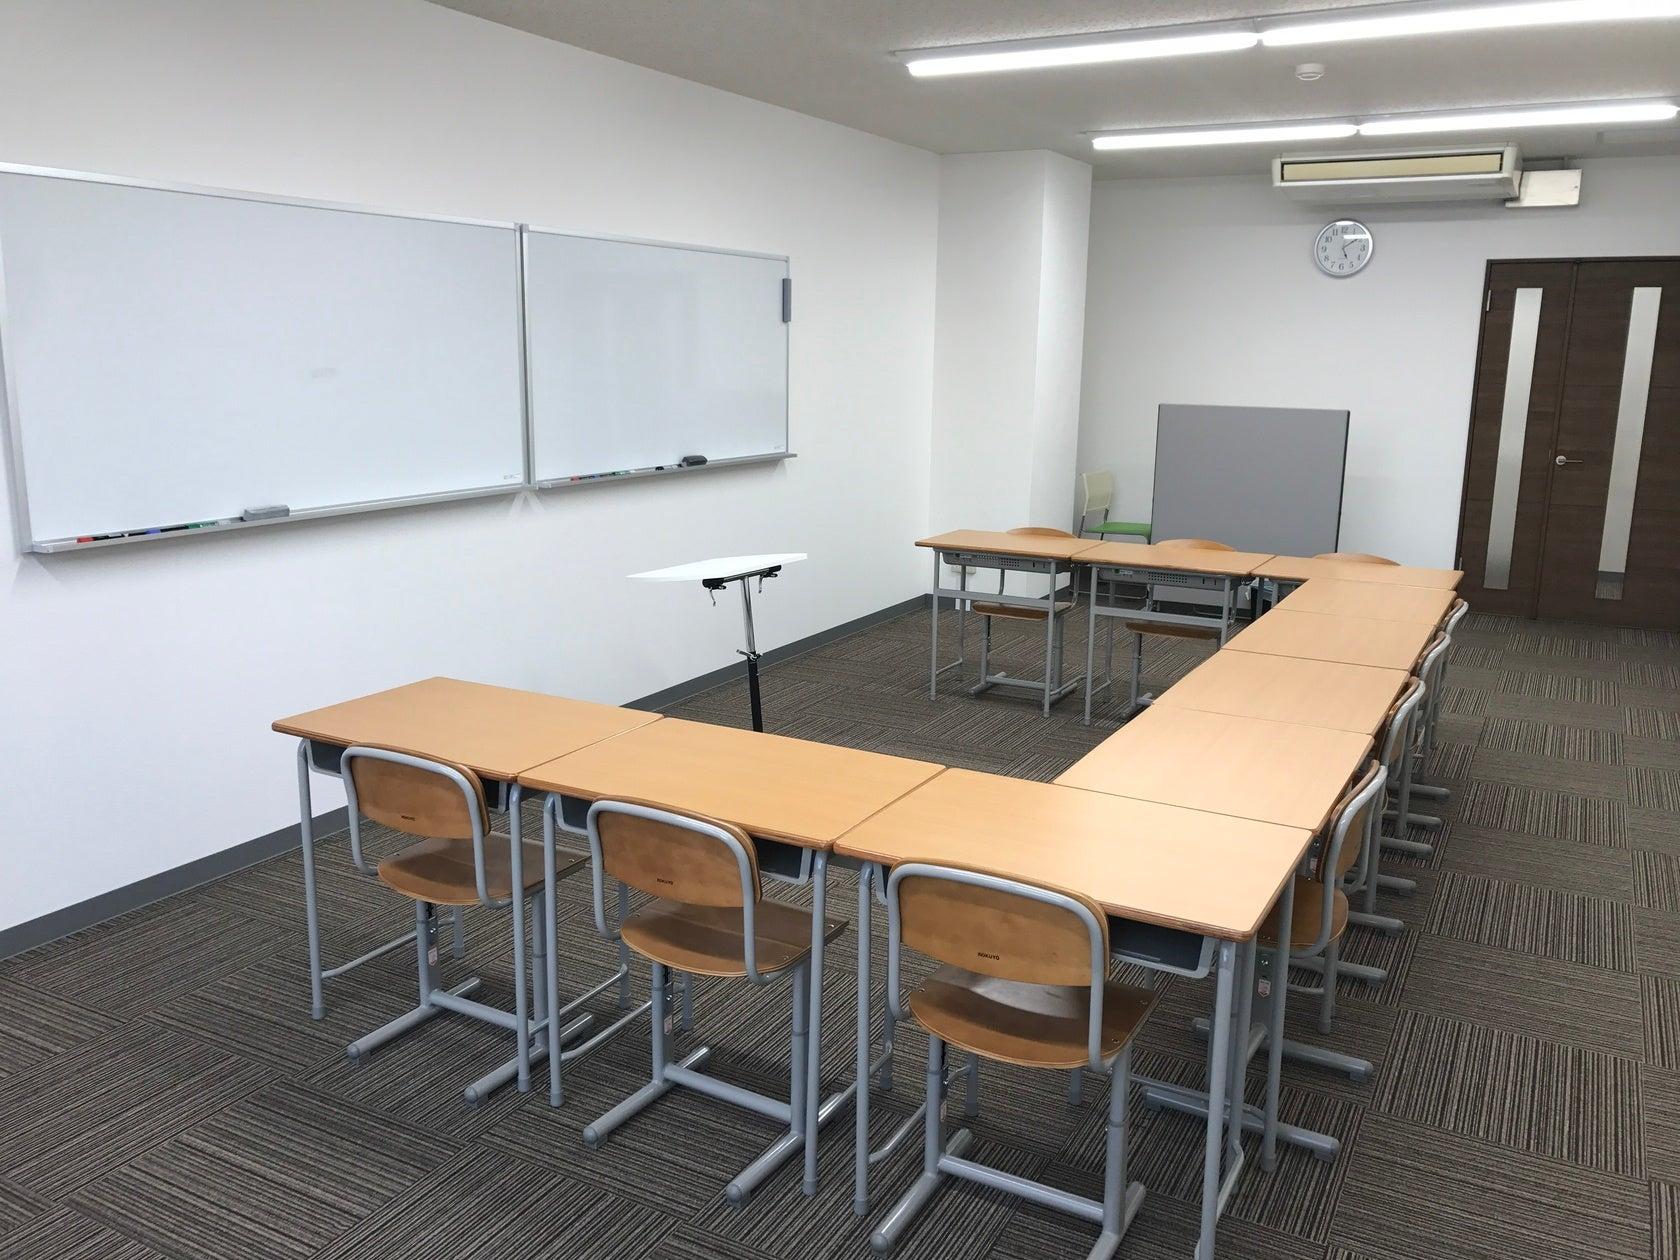 <event&meeting space>(Room2) ★教室・会議室・イベント・セミナー・撮影に最適★(桃太郎未来ゼミナール Room2) の写真0